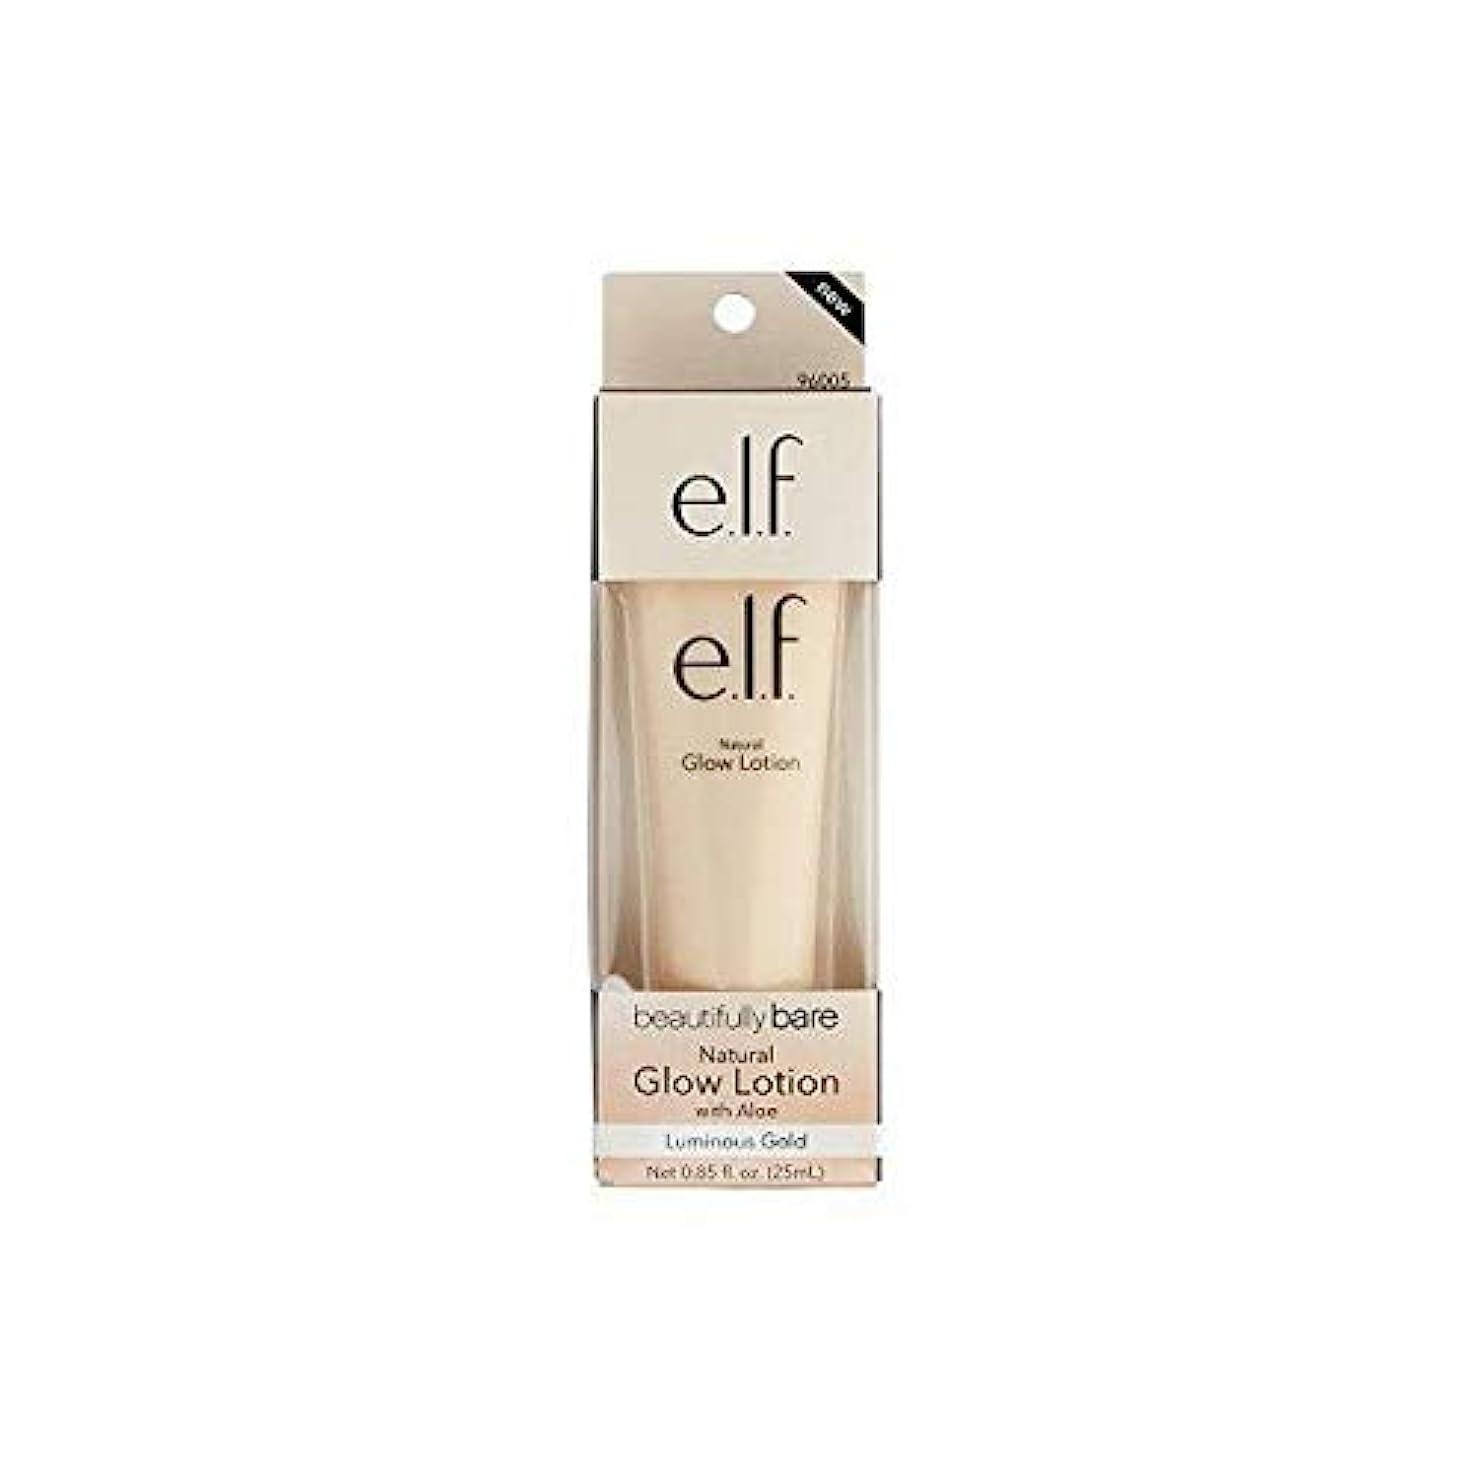 波紋失う放課後[Elf ] エルフ。美しく裸自然グローローション金 - e.l.f. Beautifully Bare Natural Glow Lotion gold [並行輸入品]